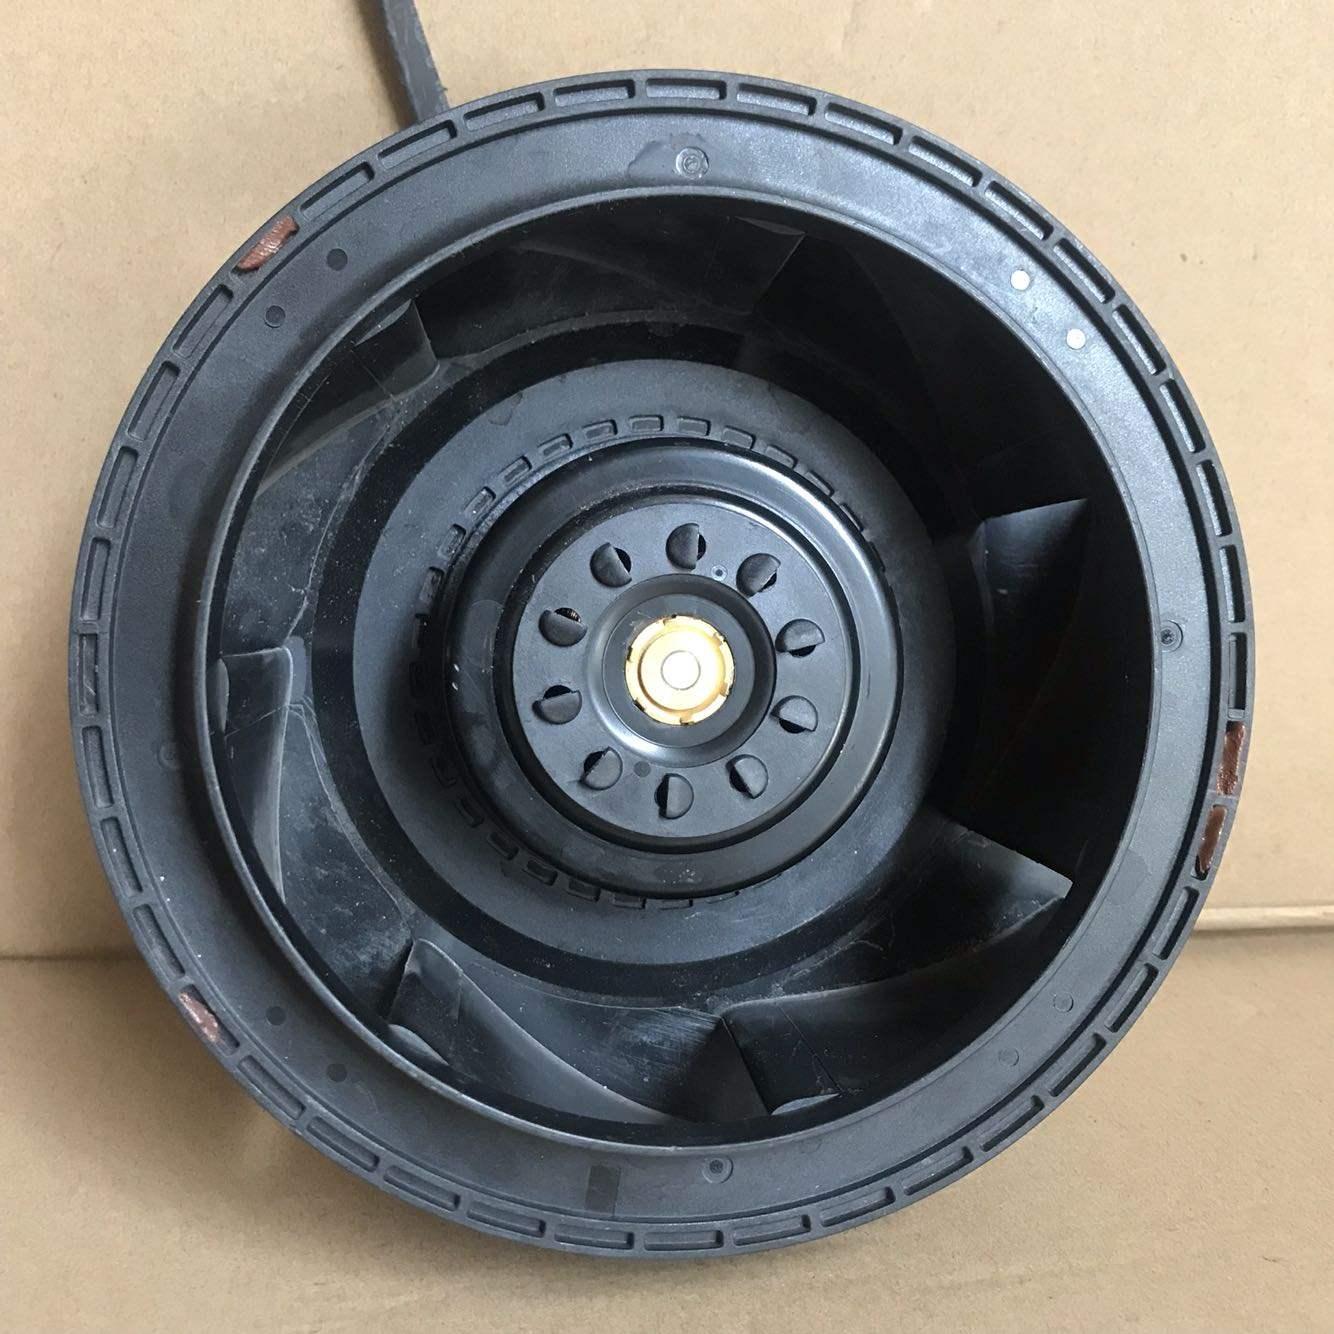 AVC BNTA1769Y8F 48V 4.5A Turbo centrifugal Air conditioning equipment fan